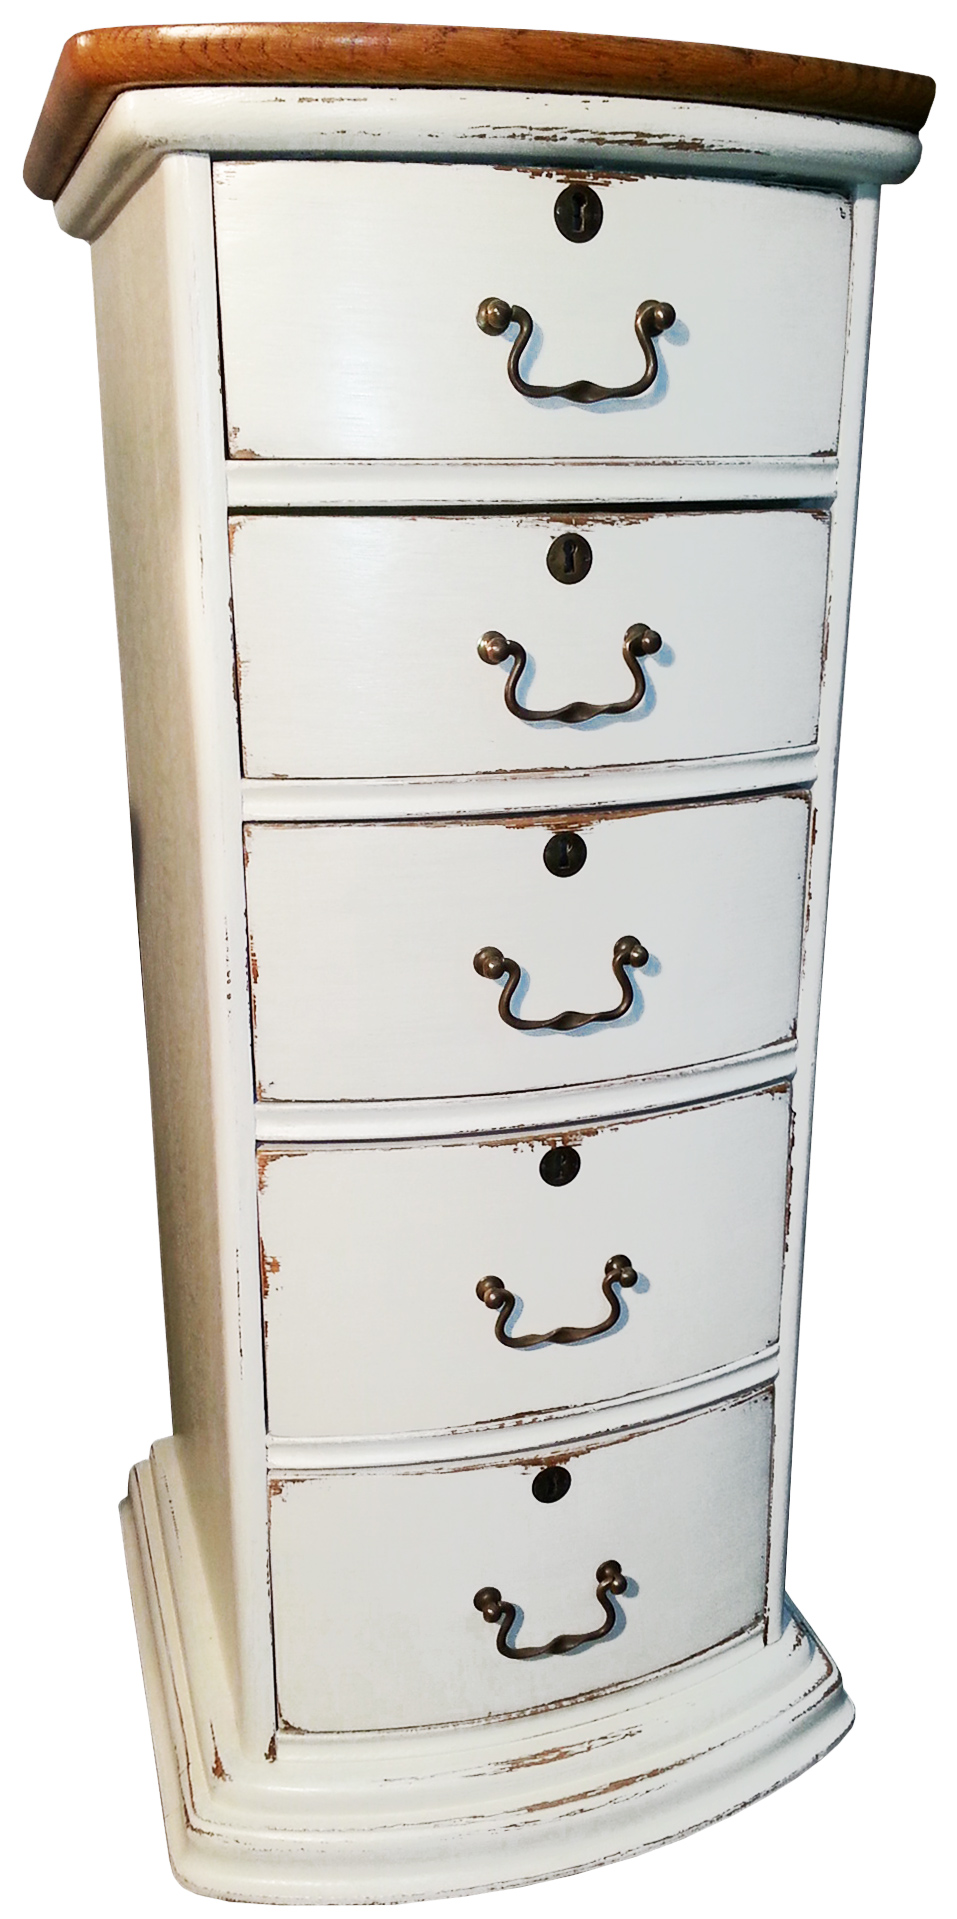 le style shabby chic et la peinture de babeurre un match parfait. Black Bedroom Furniture Sets. Home Design Ideas